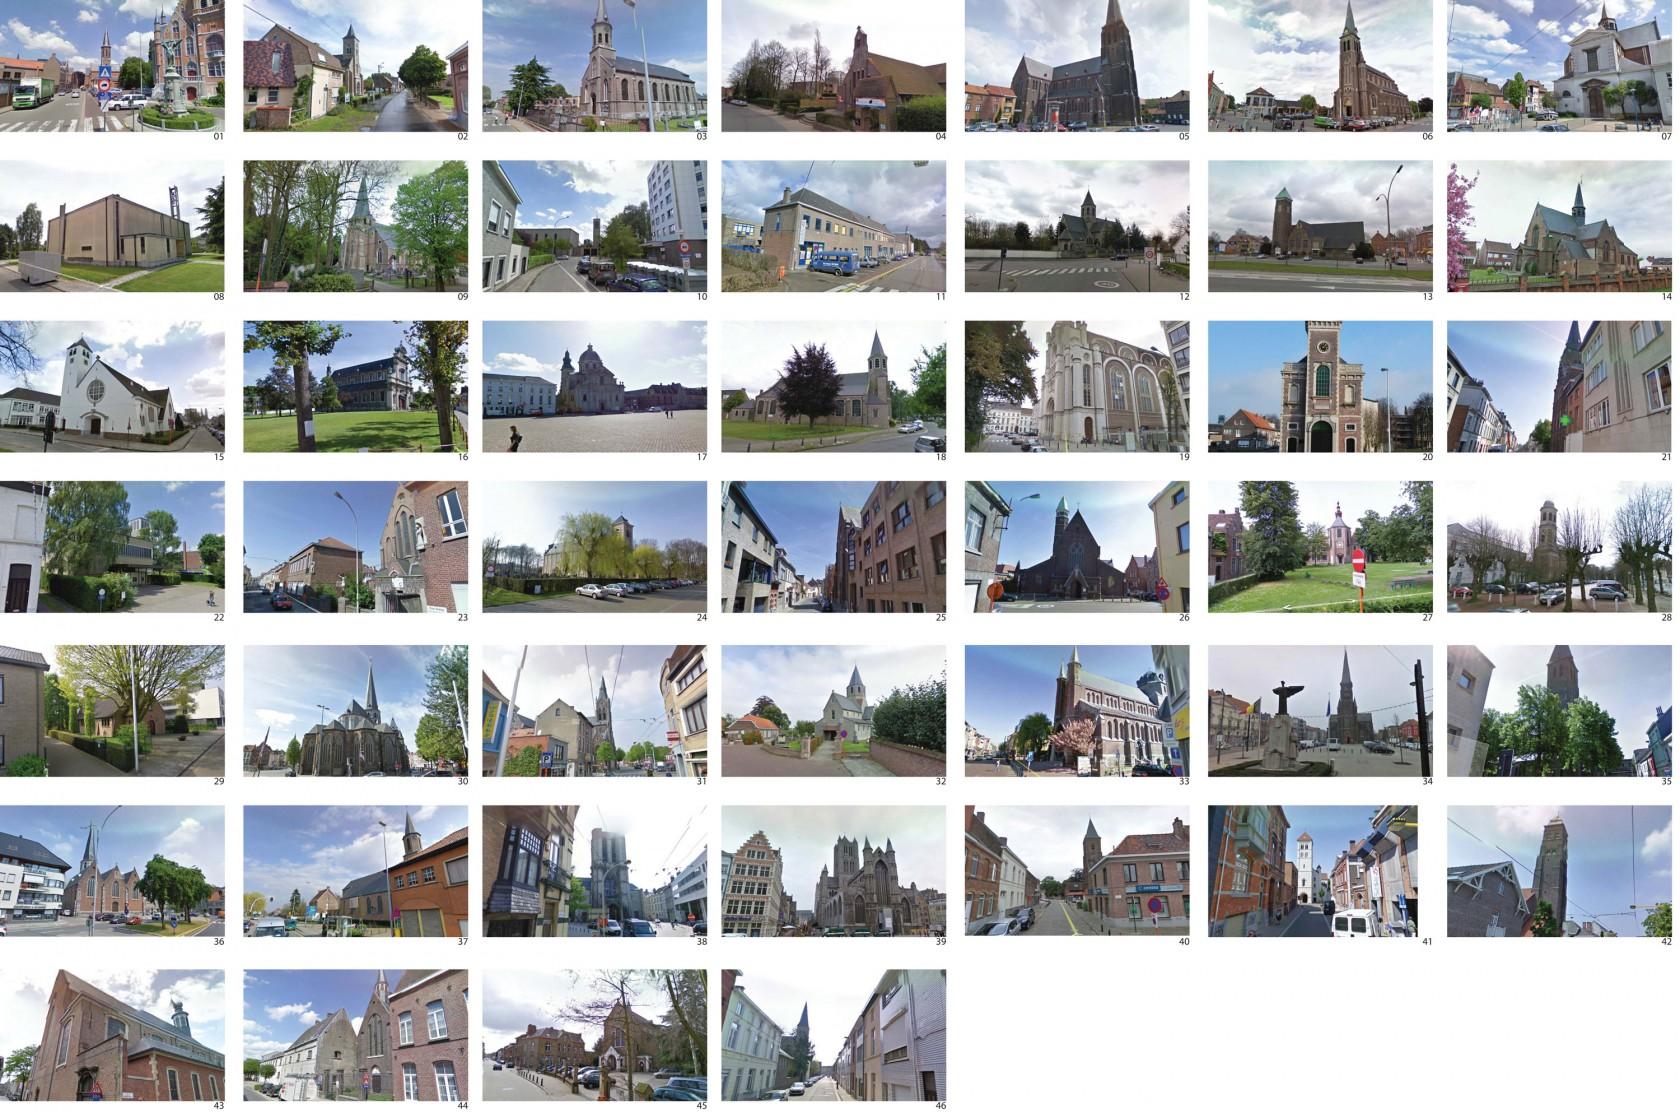 Abscis Architecten - De toekomst van de Gentse kerken